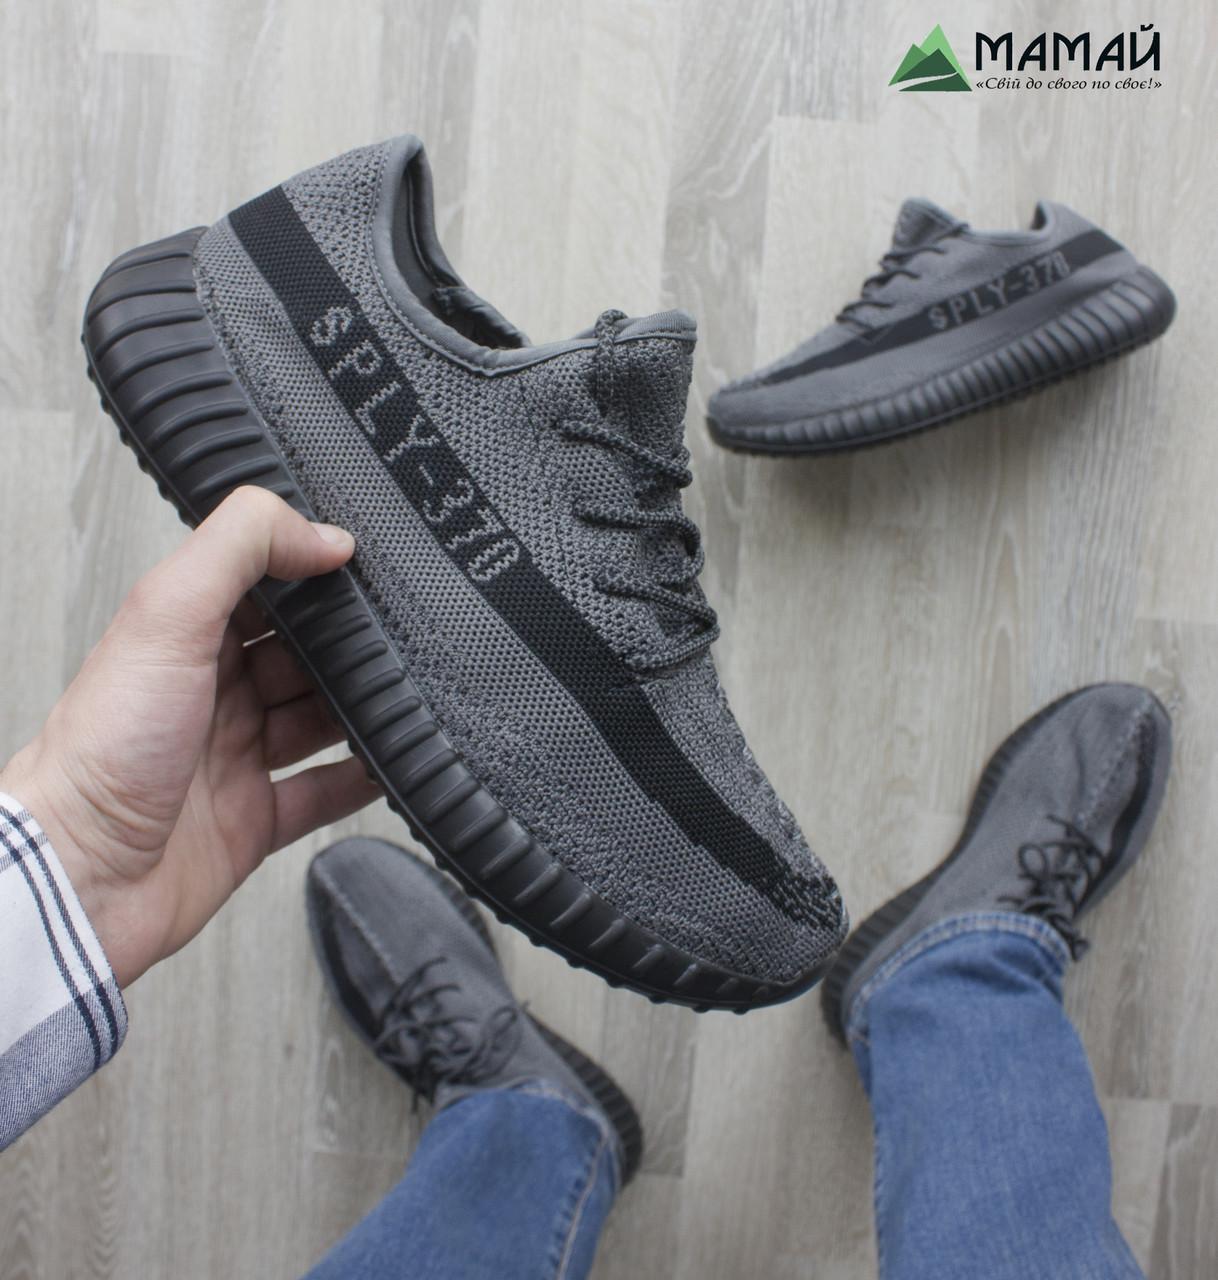 42р Чоловічі кросівки сітка Adidas Yeezy Boost SPLY-370 41-45р репліка